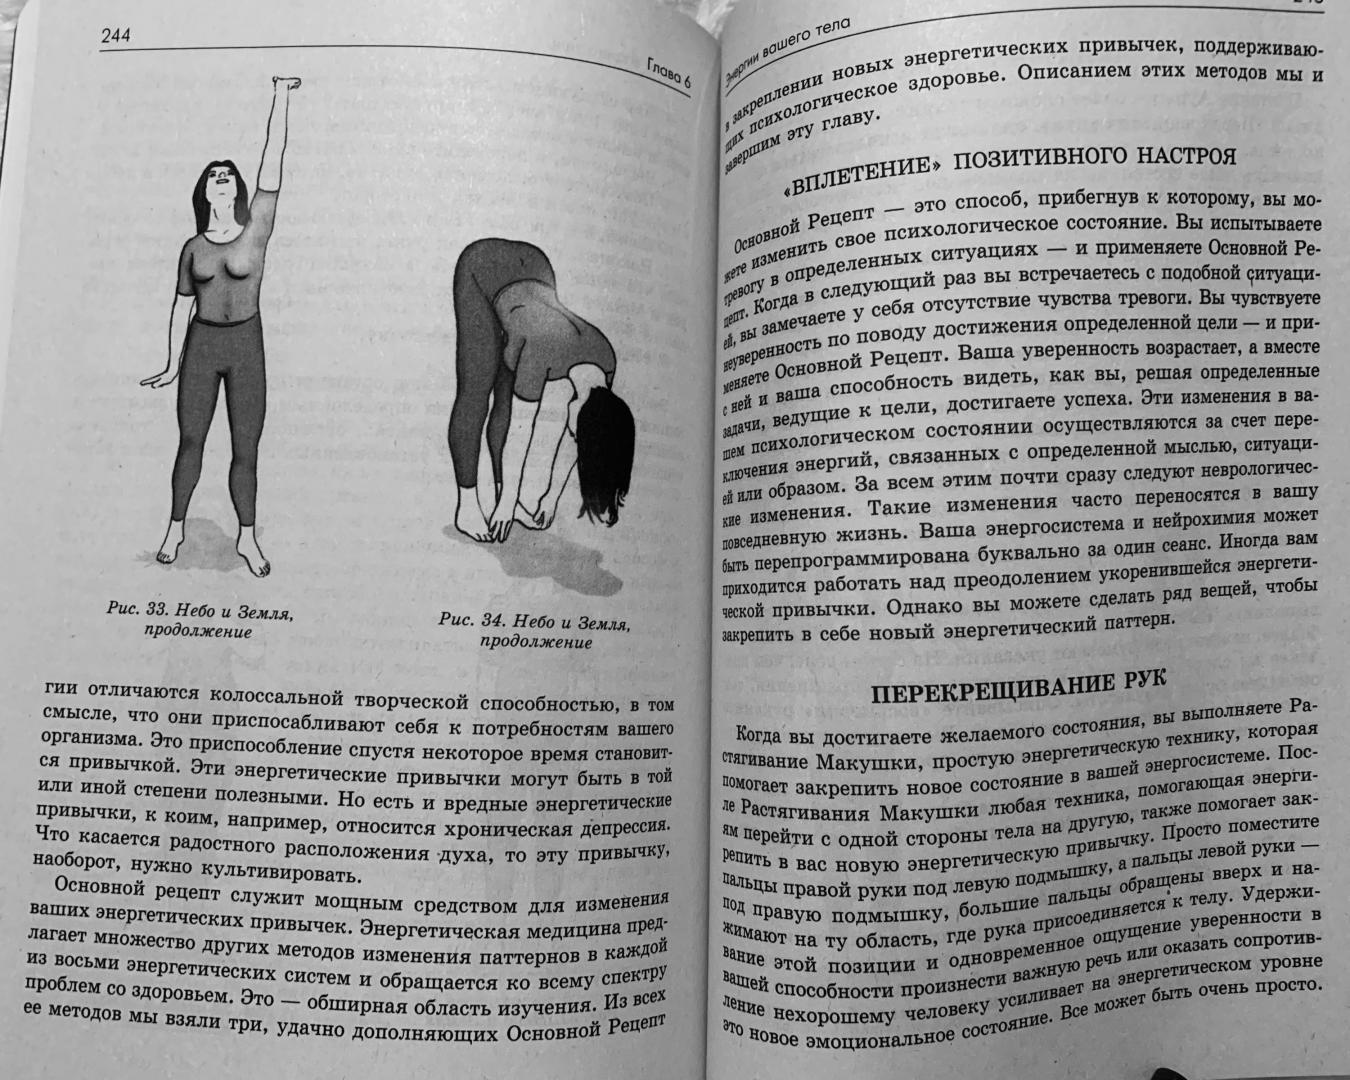 Иллюстрация 11 из 19 для Энергетическая психология. Уникальные методики трансформации личности - Иден, Файнштейн, Крэйг | Лабиринт - книги. Источник: Розочка